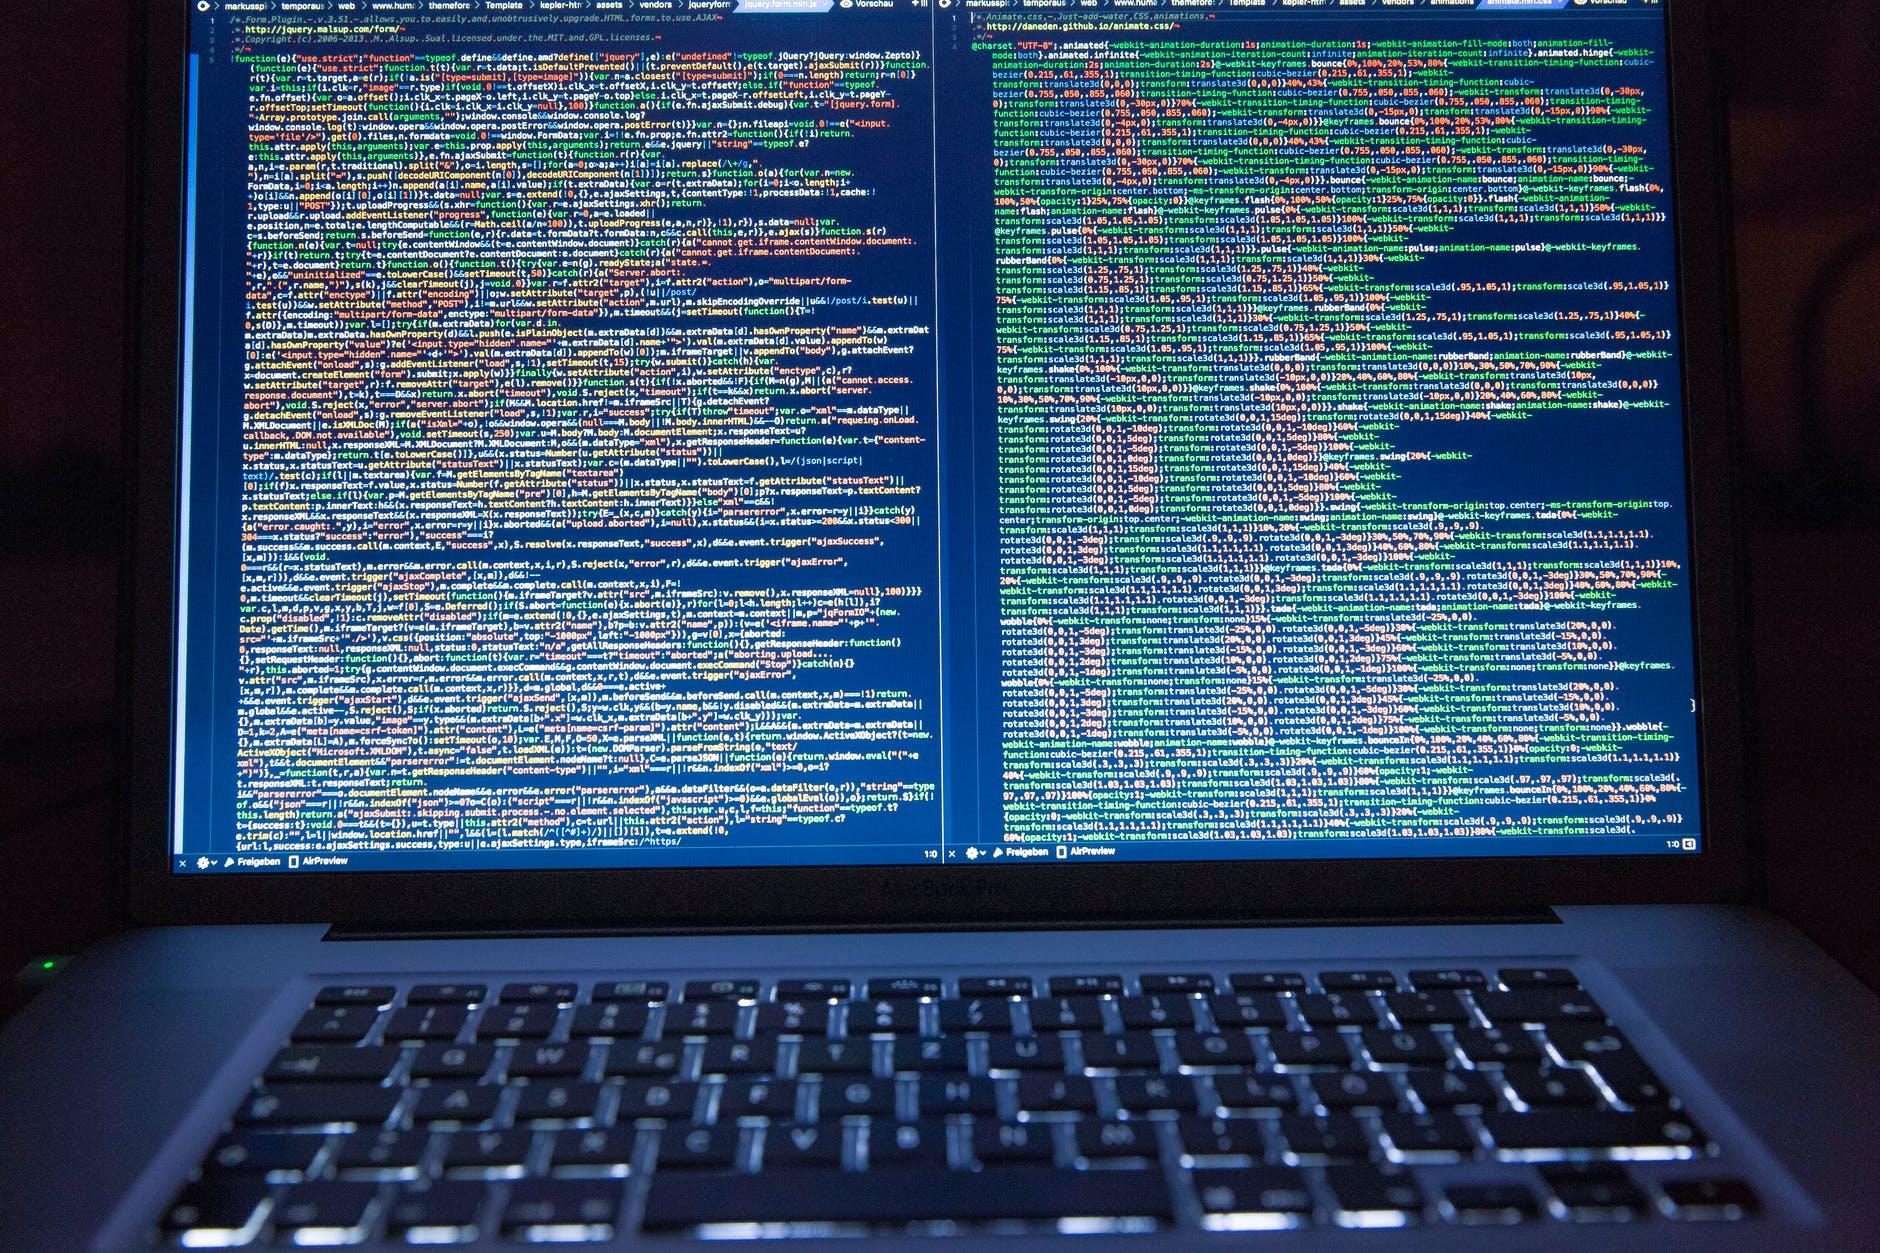 Diffamazione su web: come agire? | Tiziano Solignani